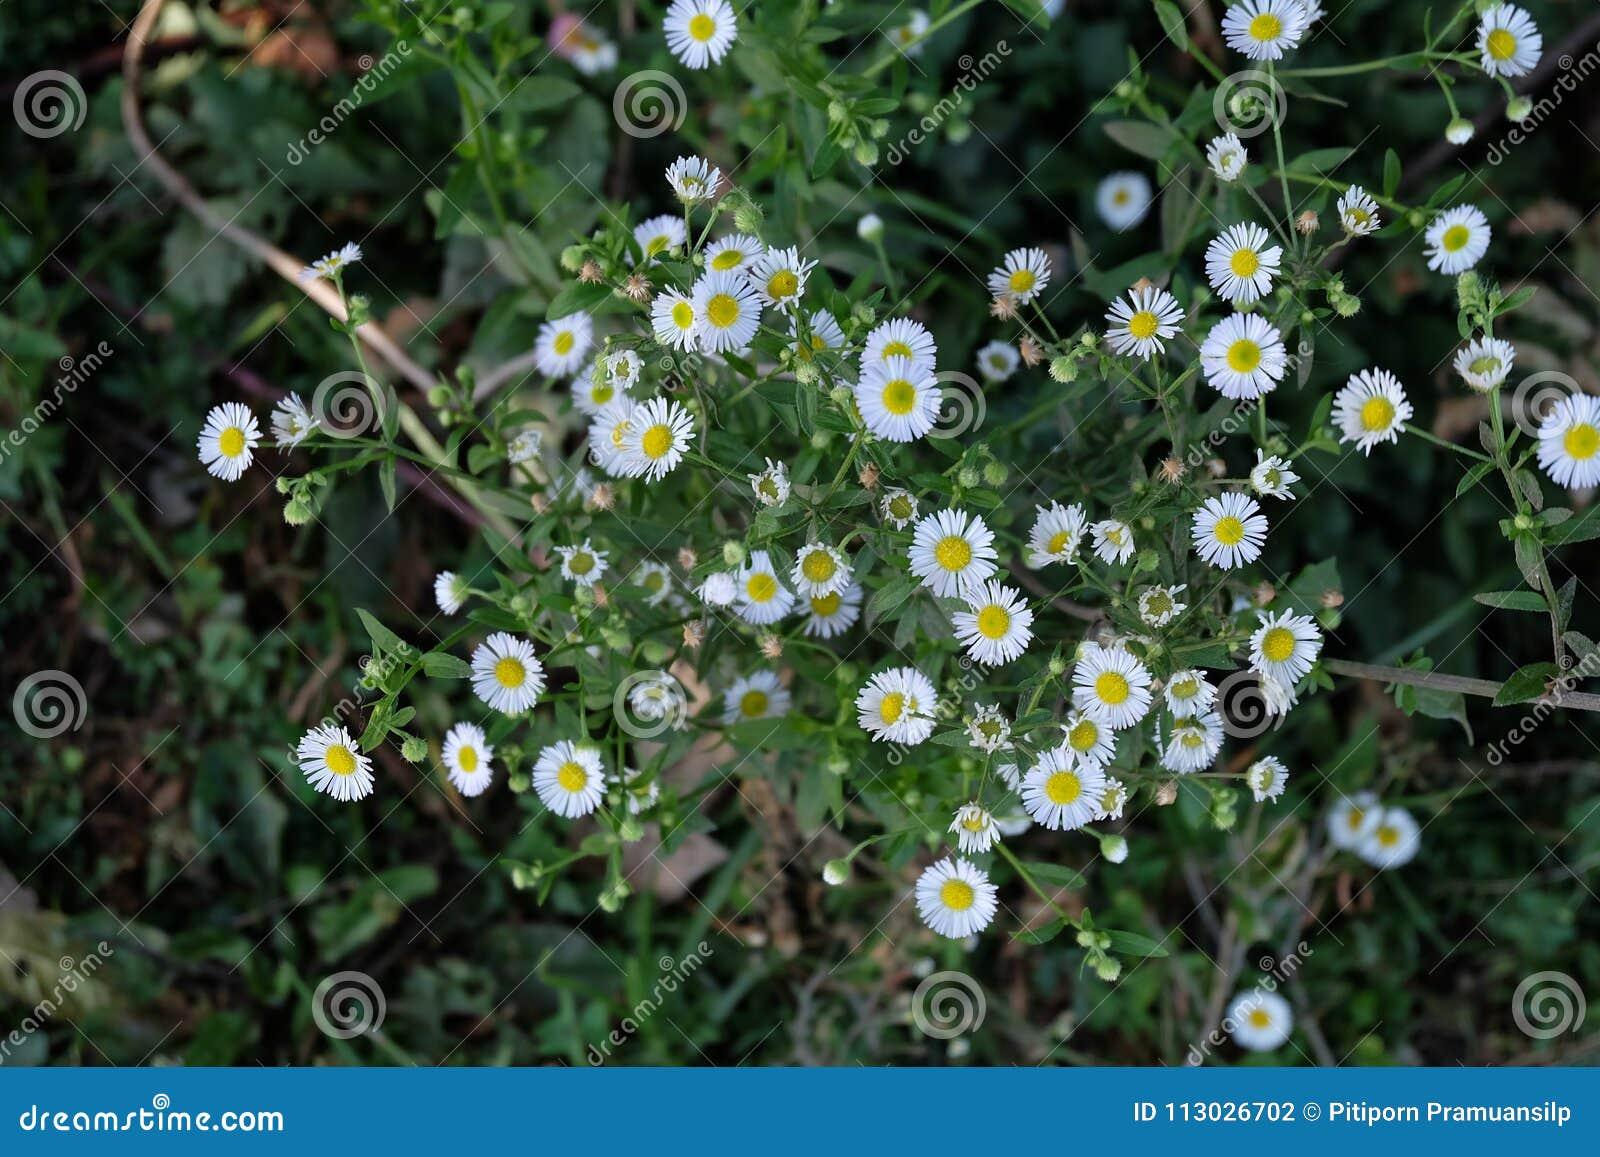 Jardín de la manzanilla/flores blancas de la margarita alemana de la manzanilla